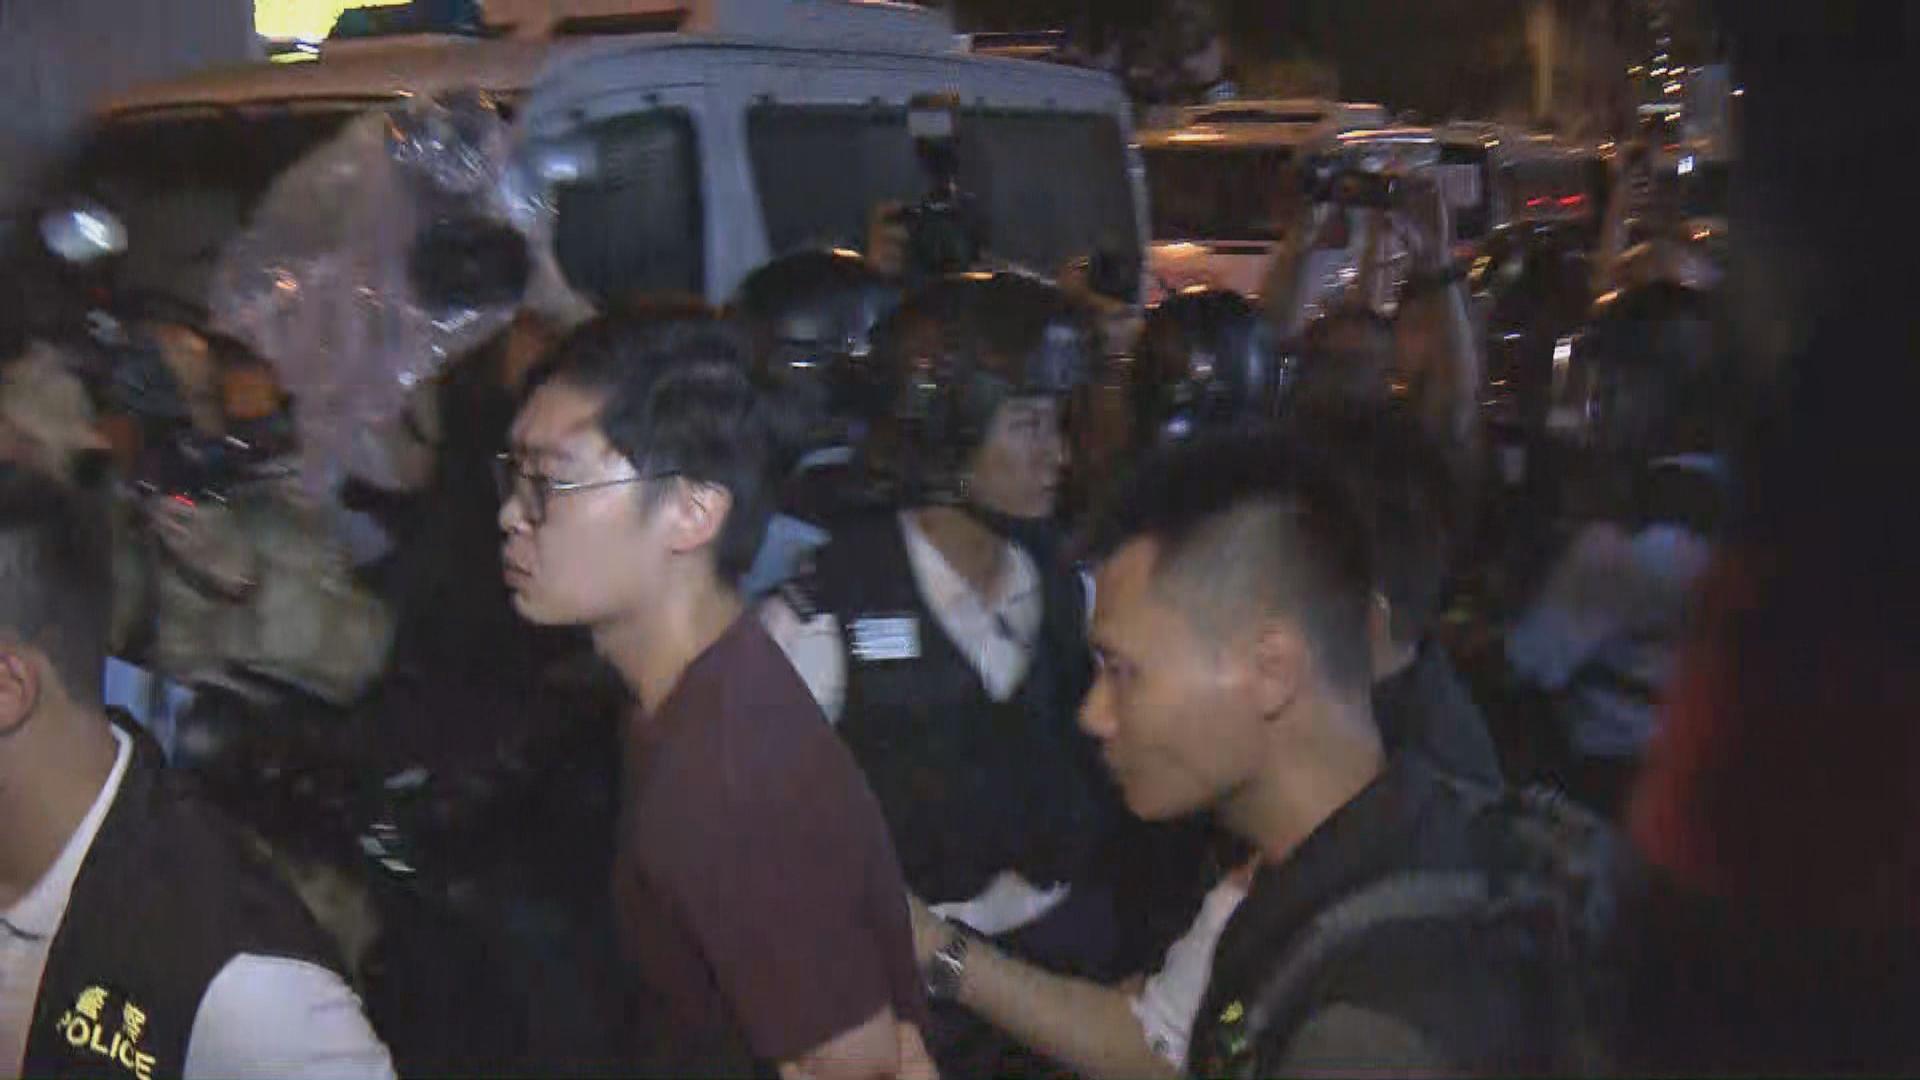 警方搜查火炭貨倉帶走多人包括陳浩天